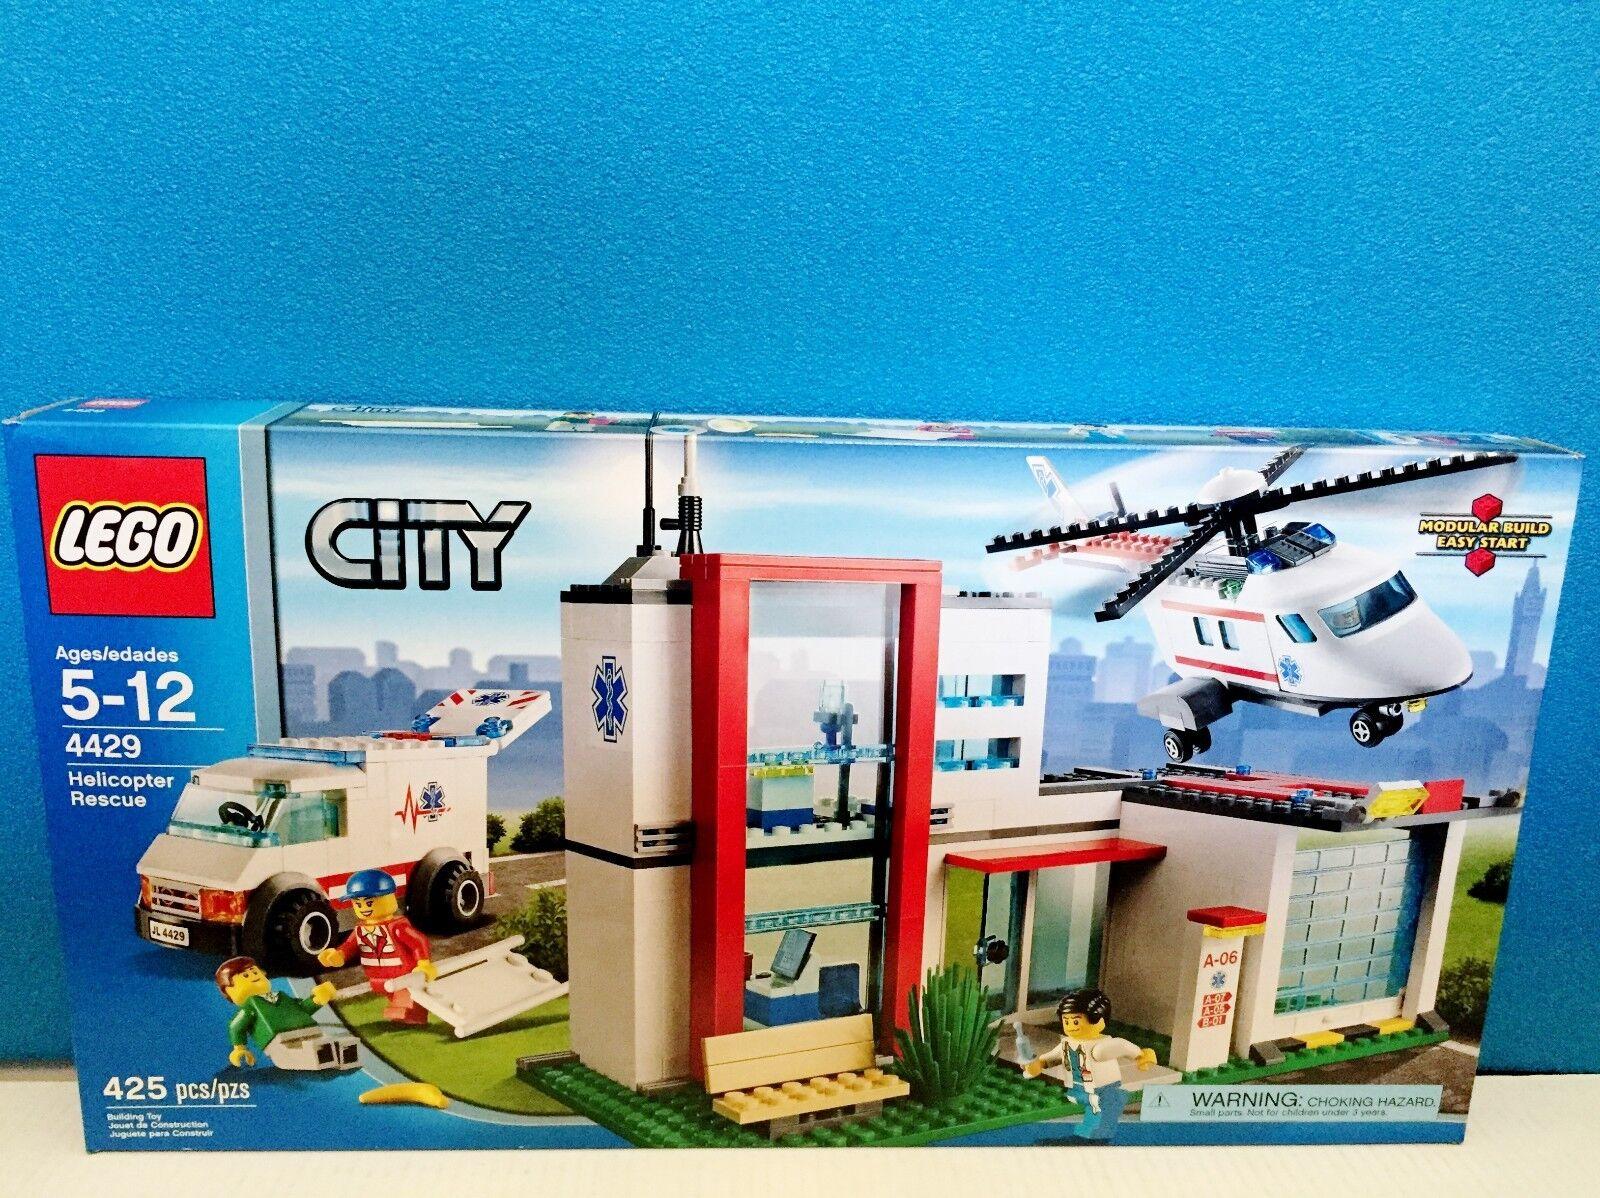 LEGO CITY HELICOPTER RESCUE 4429 Hospital Ambulance Emergency Room ER NEW SEALED